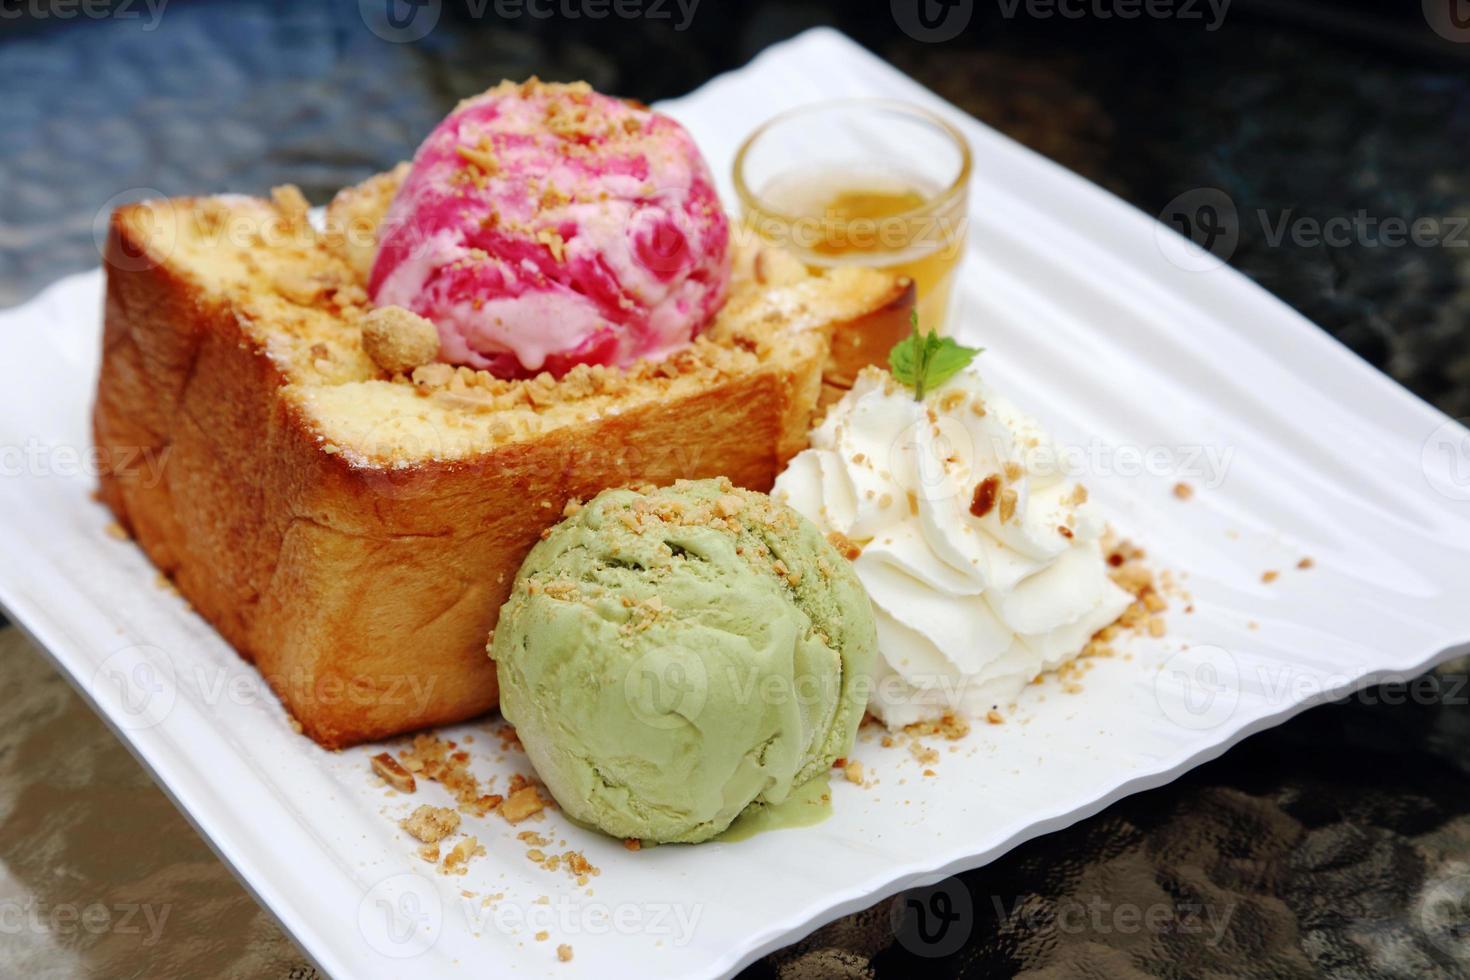 helado de fresa y té verde y pan. foto